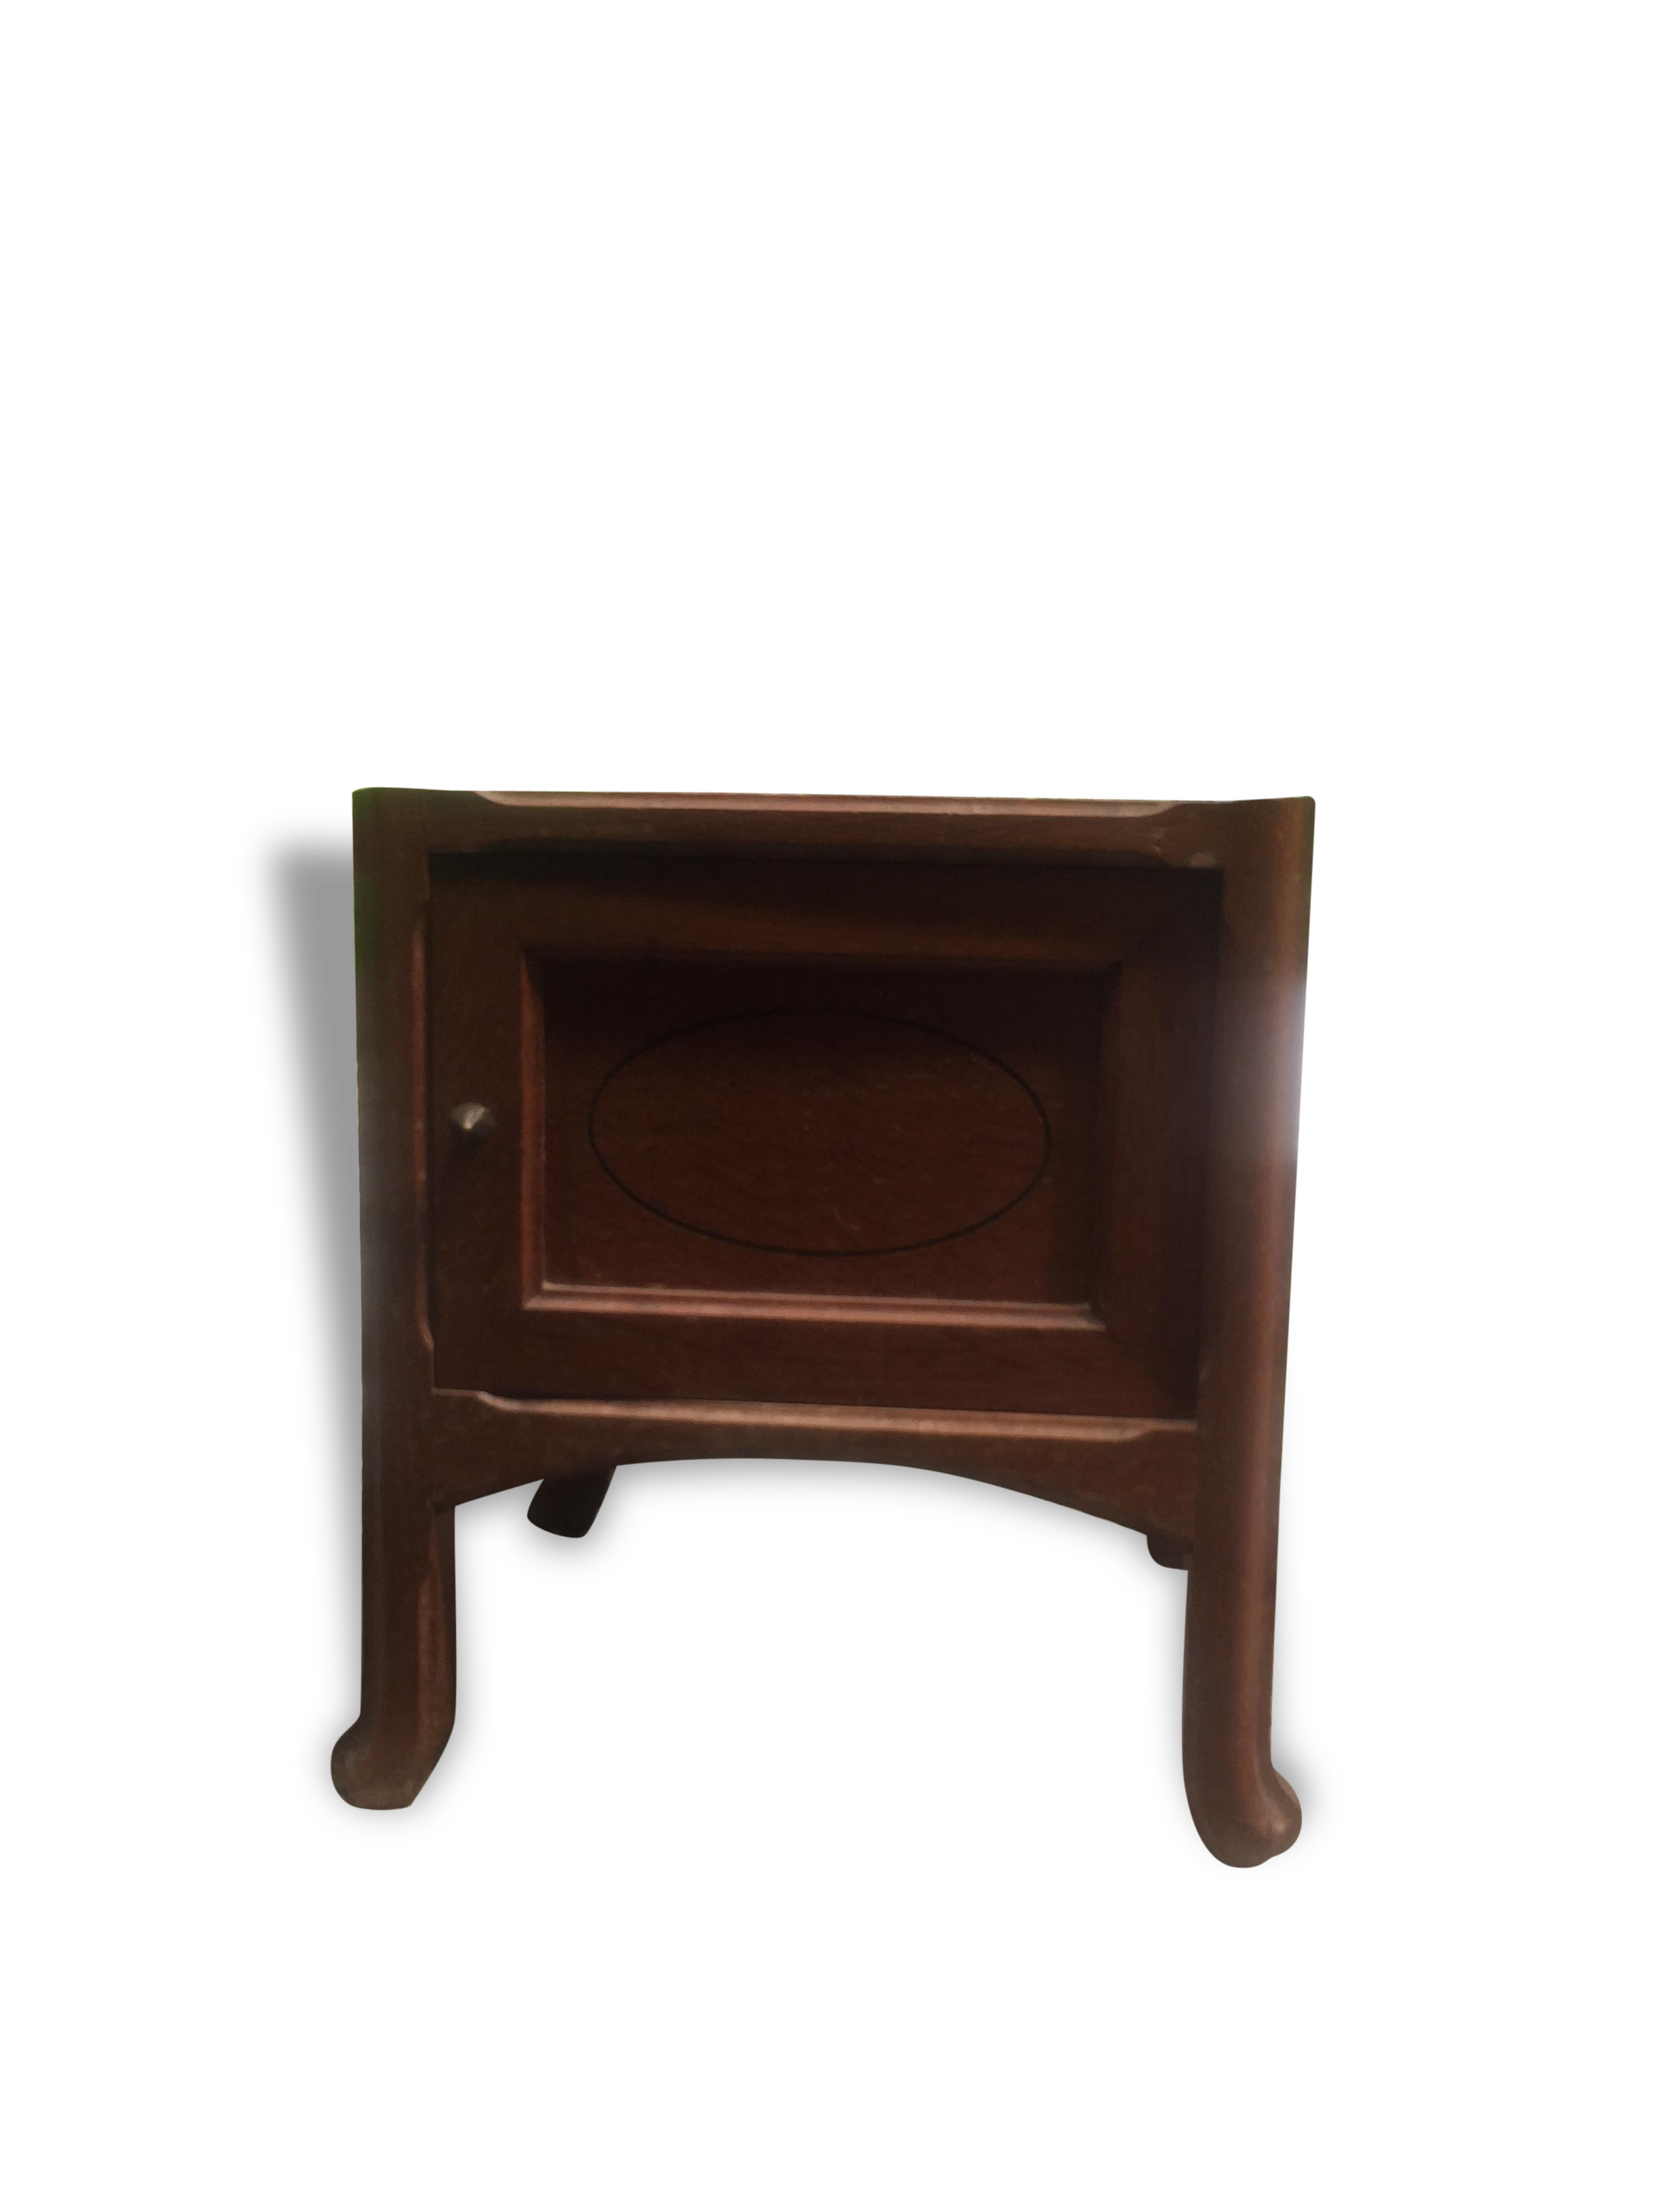 meuble de chevet table de nuit cm de largeur with meuble de chevet table de chevet xx alix. Black Bedroom Furniture Sets. Home Design Ideas